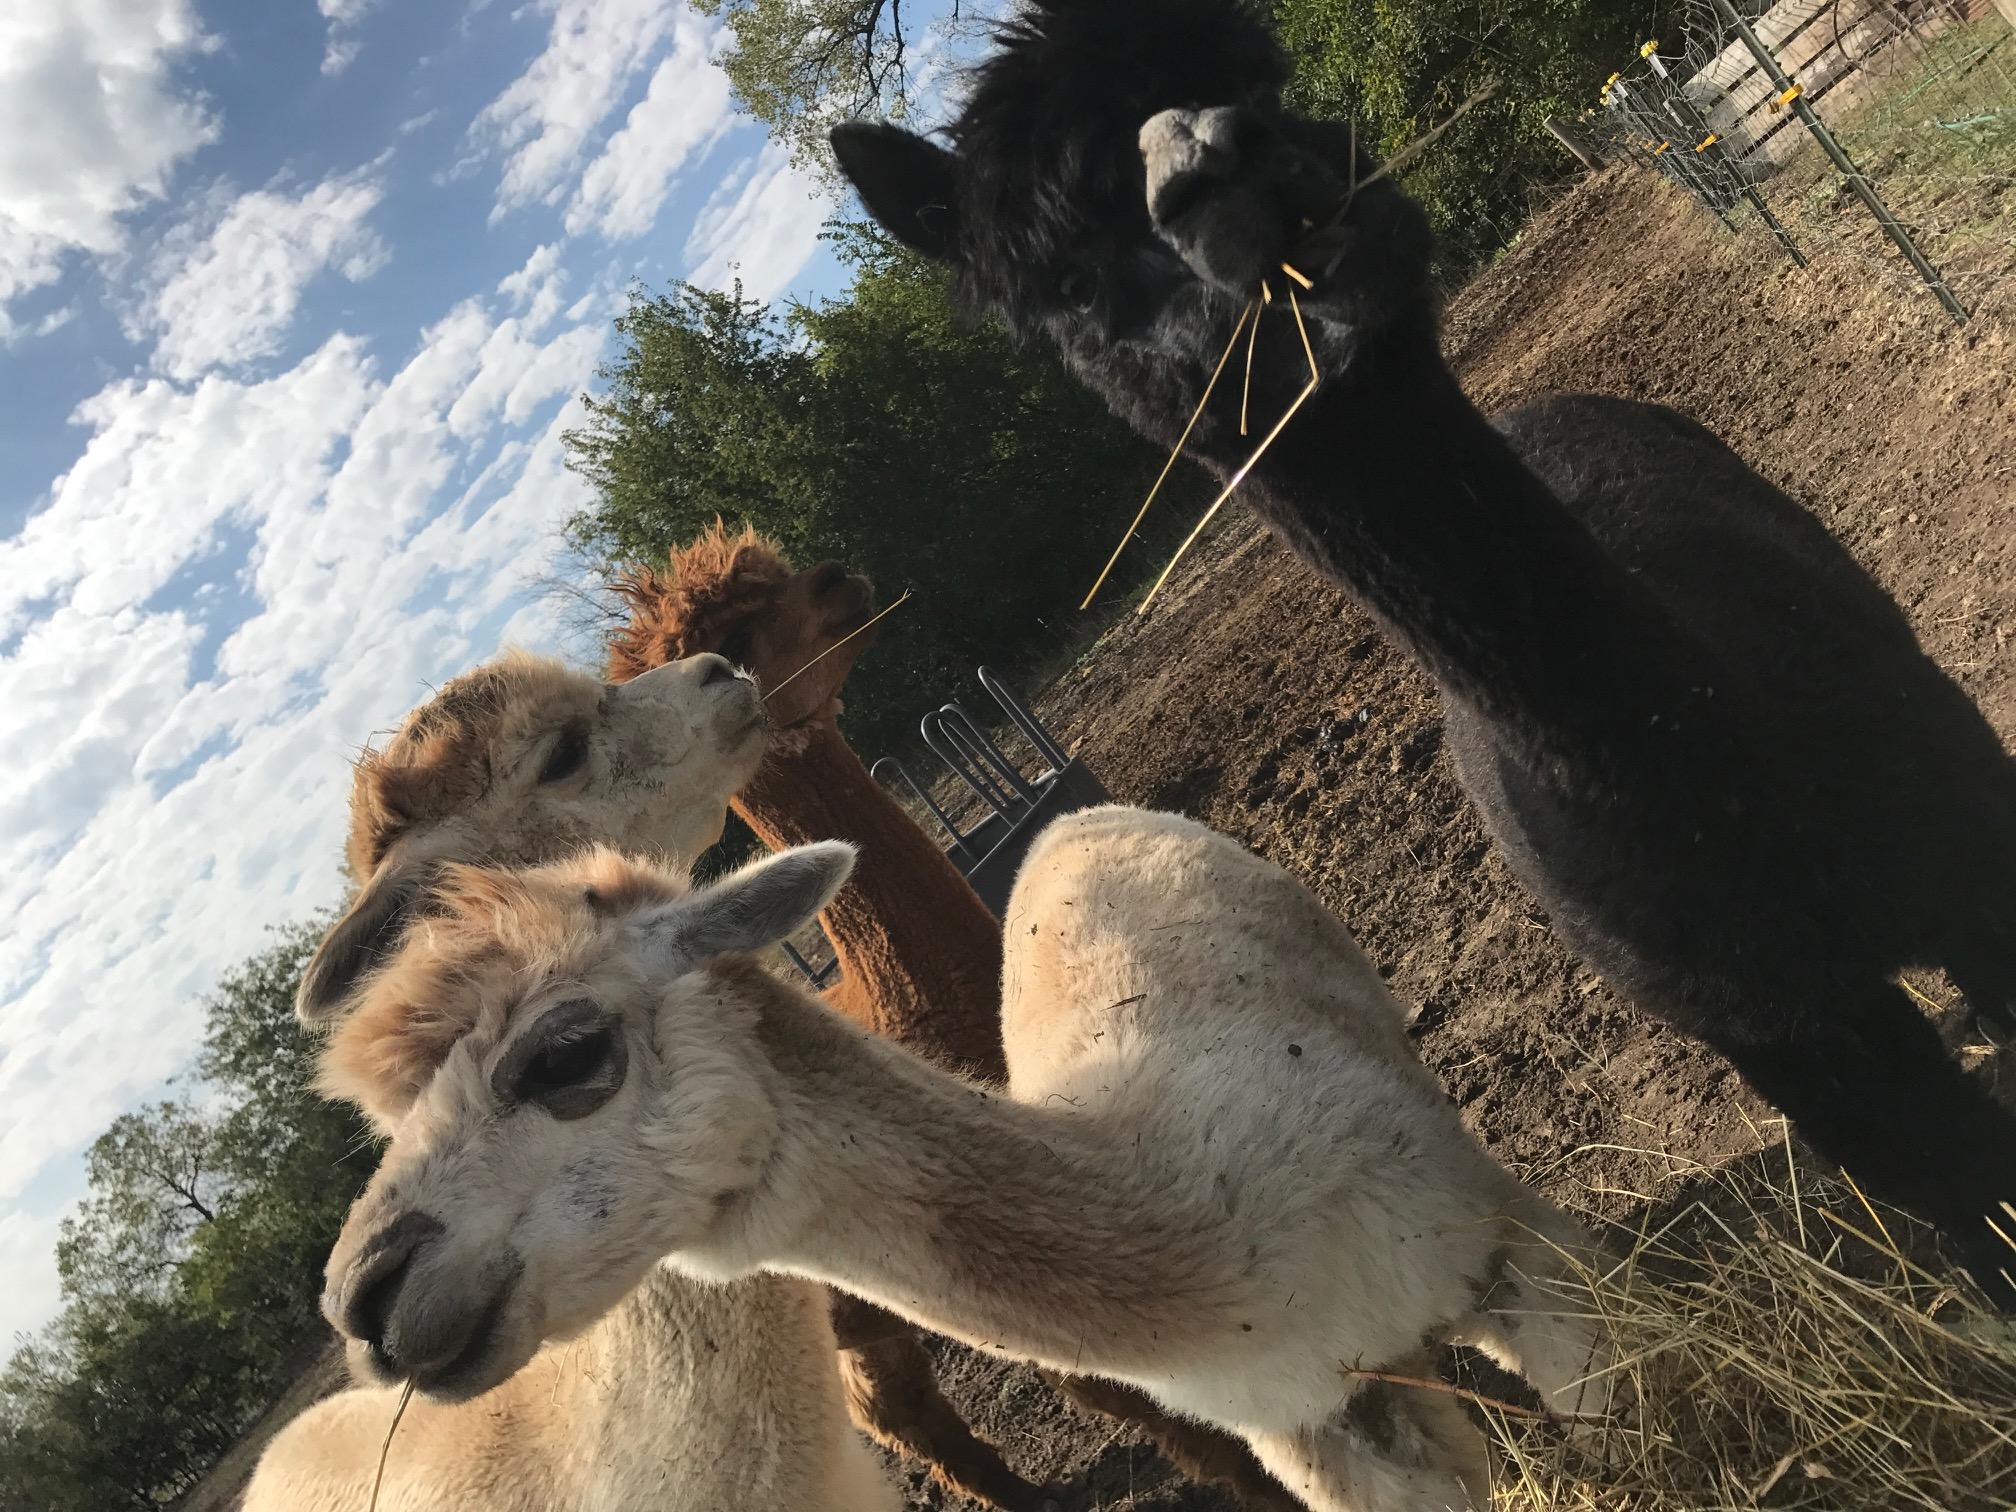 The alpaca ladies